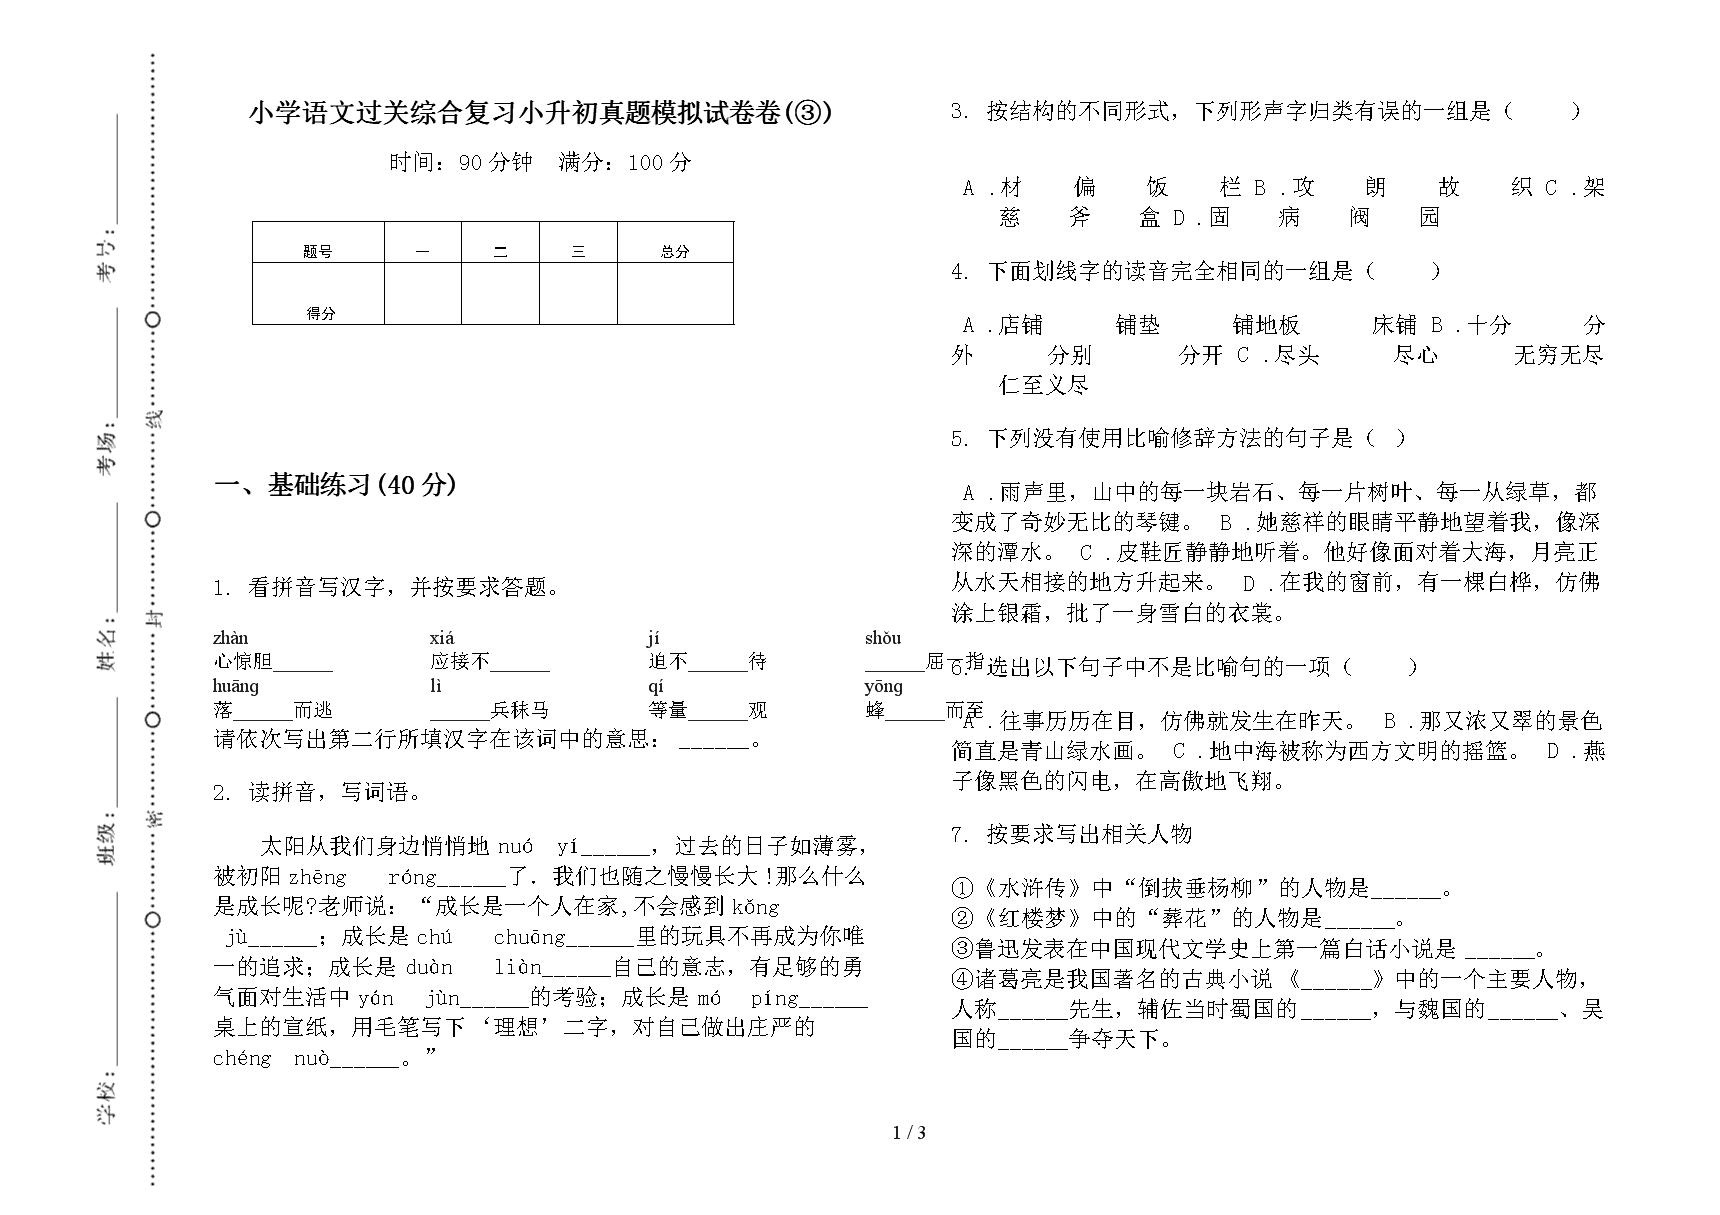 小学语文过关综合复习小升初真题模拟试卷卷(③).docx